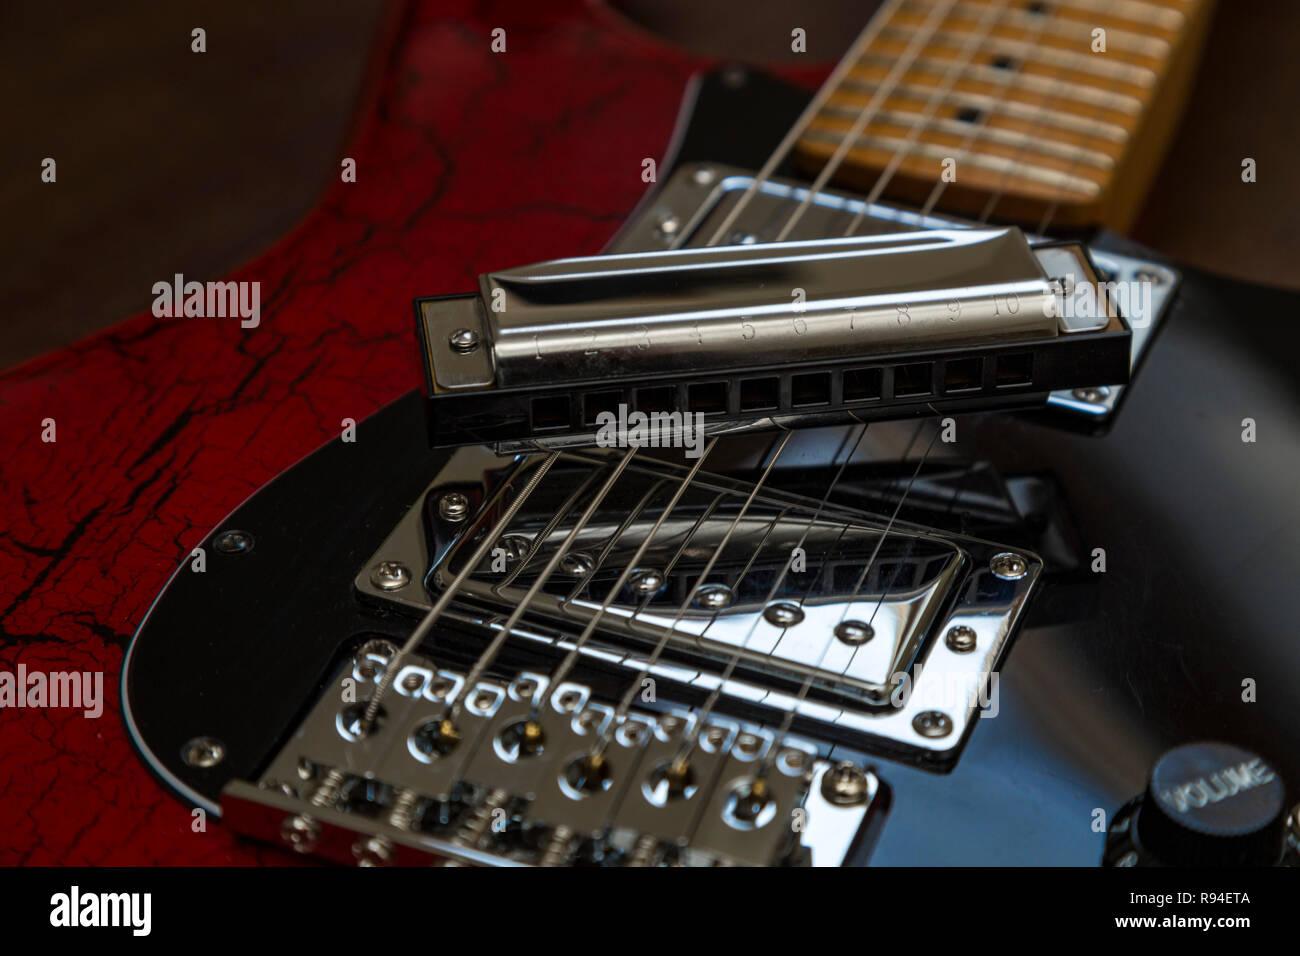 Harrmonica sur une vieille guitare électrique. Blues, rock, musique Photo Stock